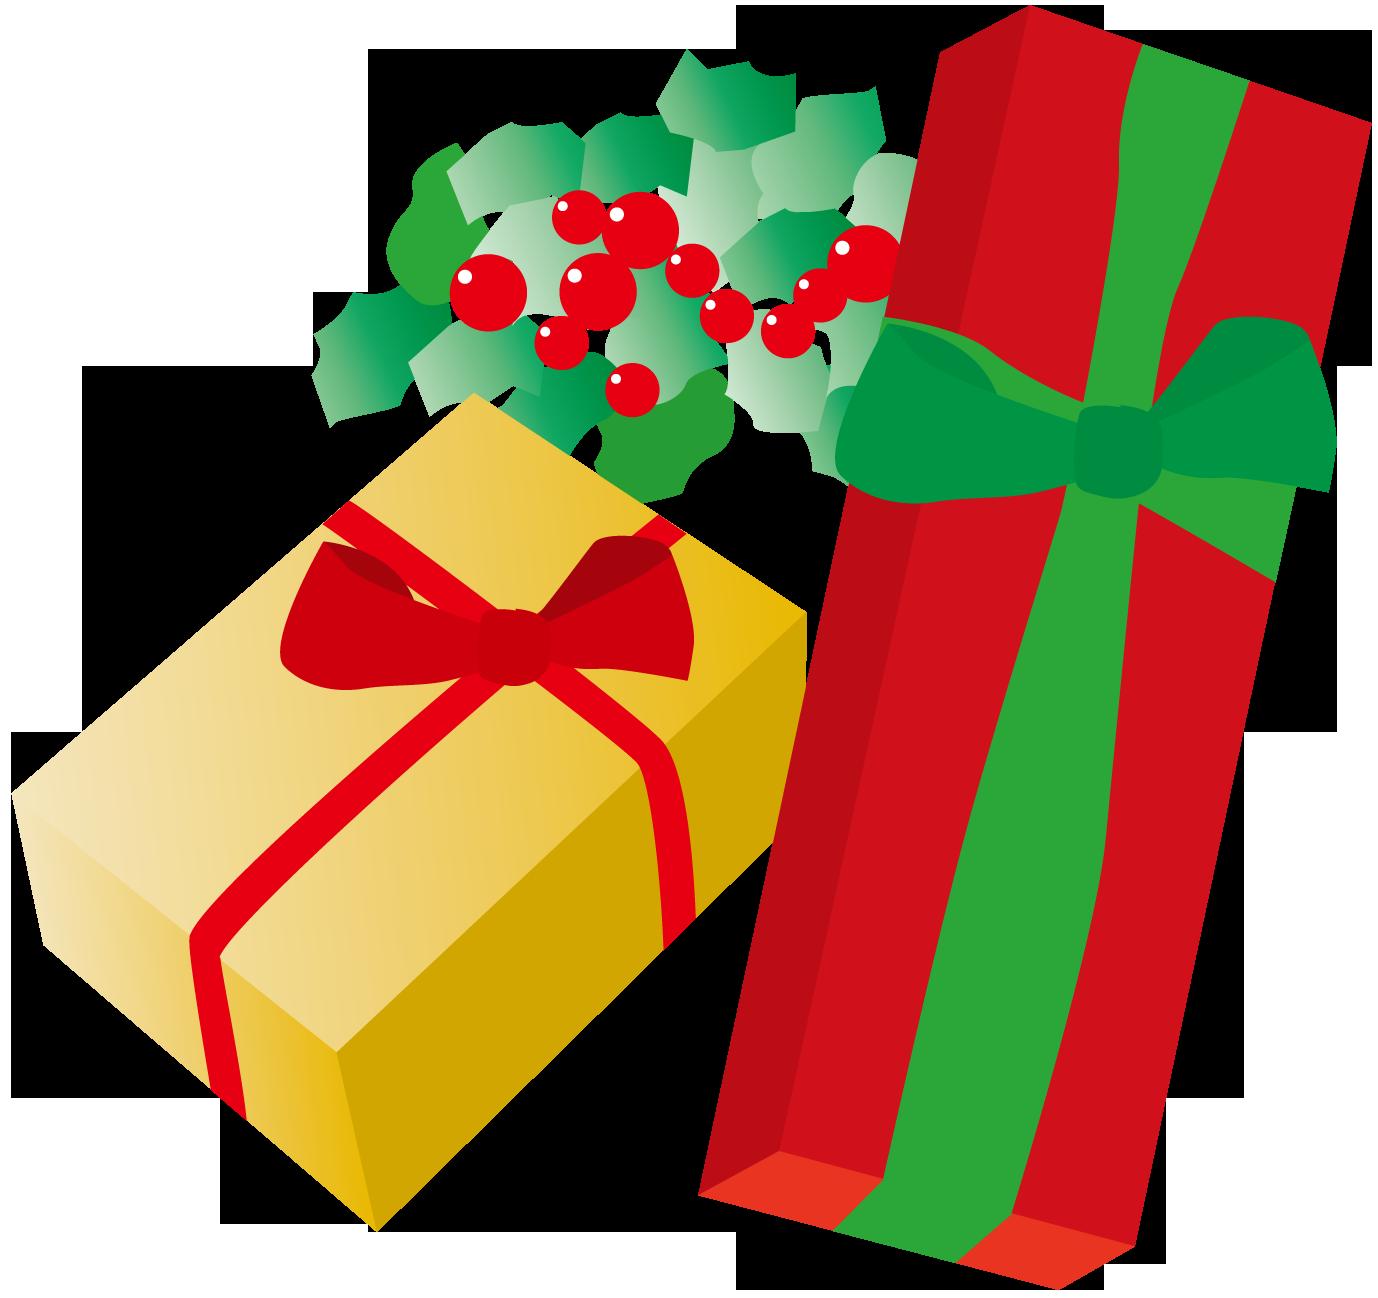 クリスマスのフリー素材 ダウンロード01 素材っち